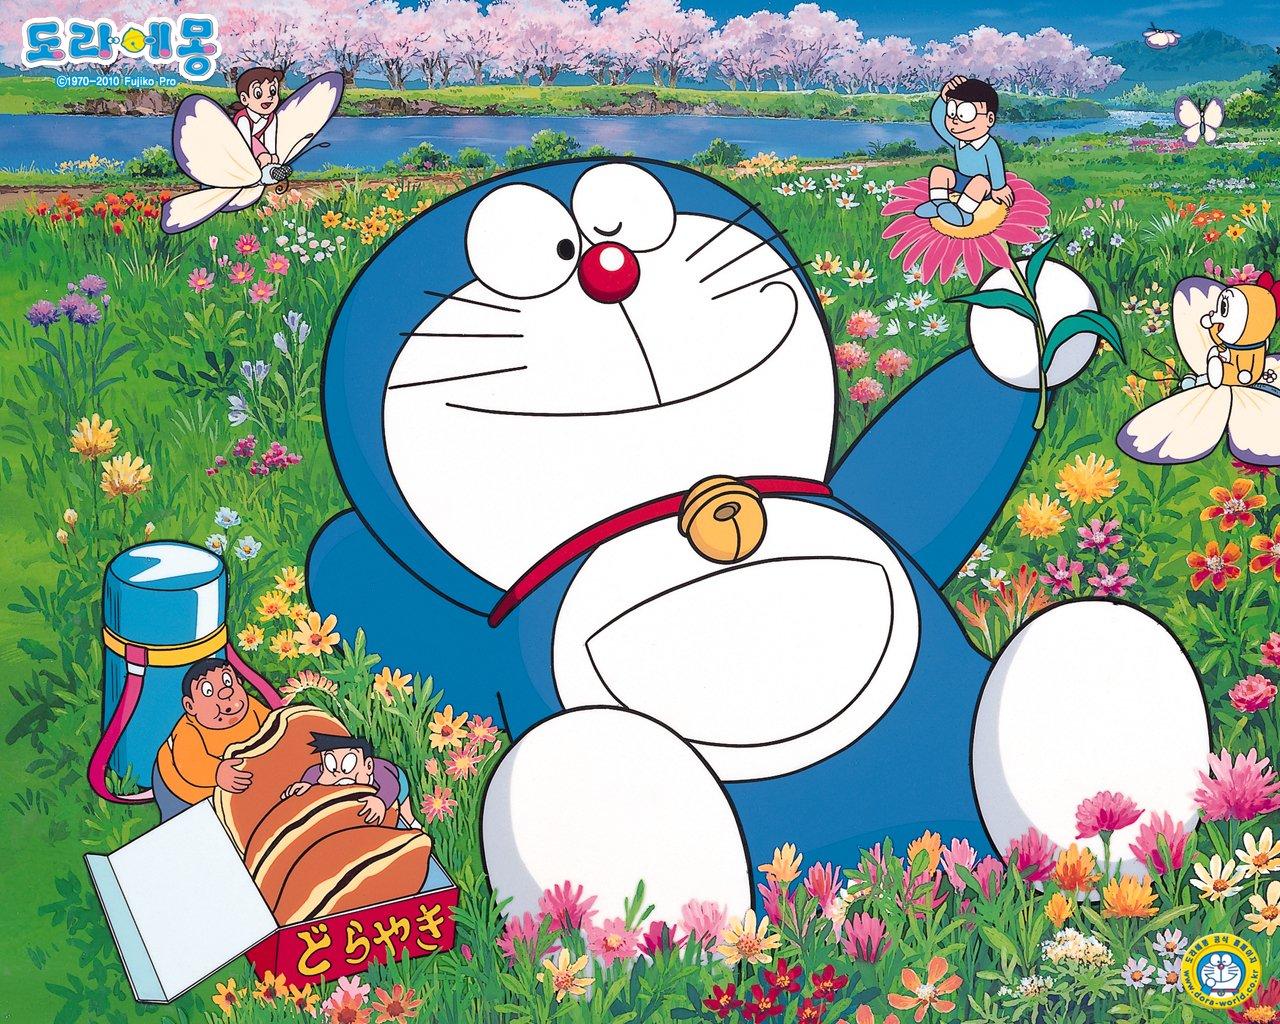 Gambar Wallpaper Doraemon Terbaru Kampung Wallpaper